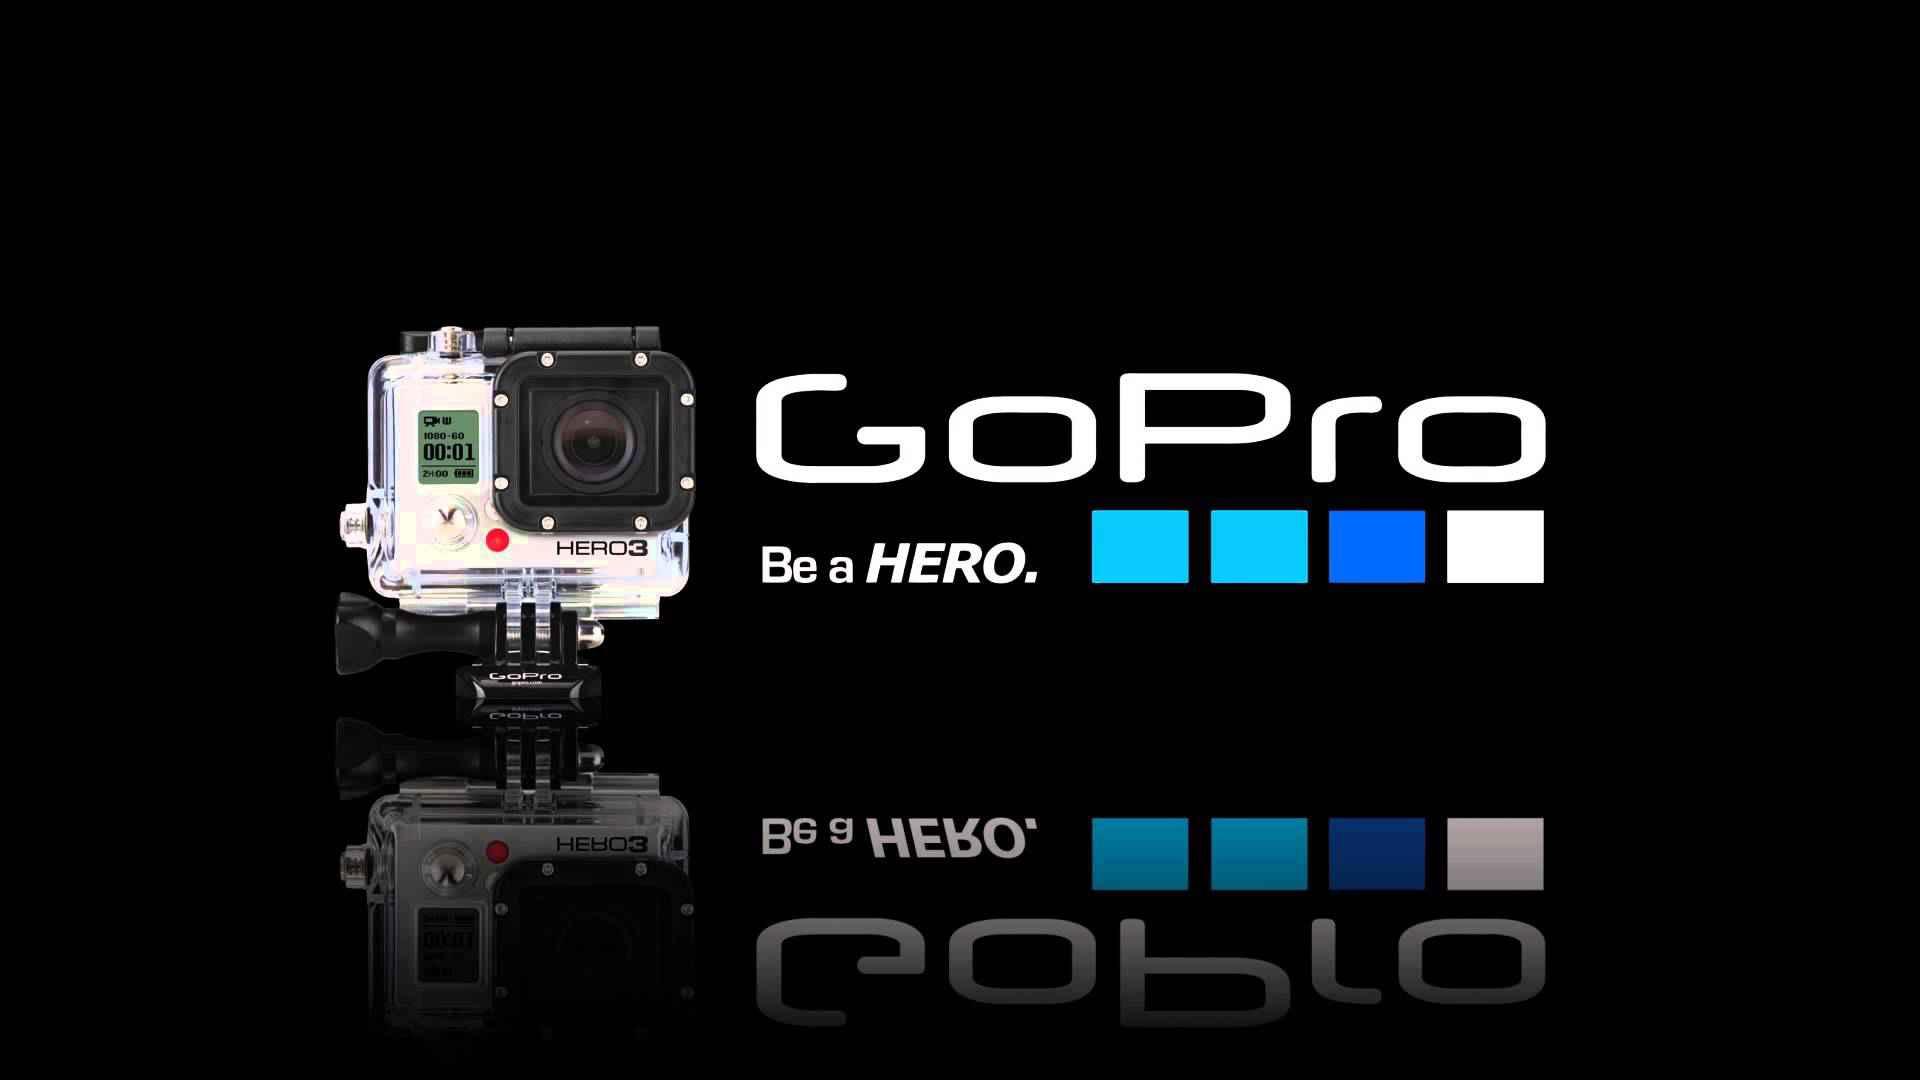 Compra tu cámara Gopro y sé un héroe